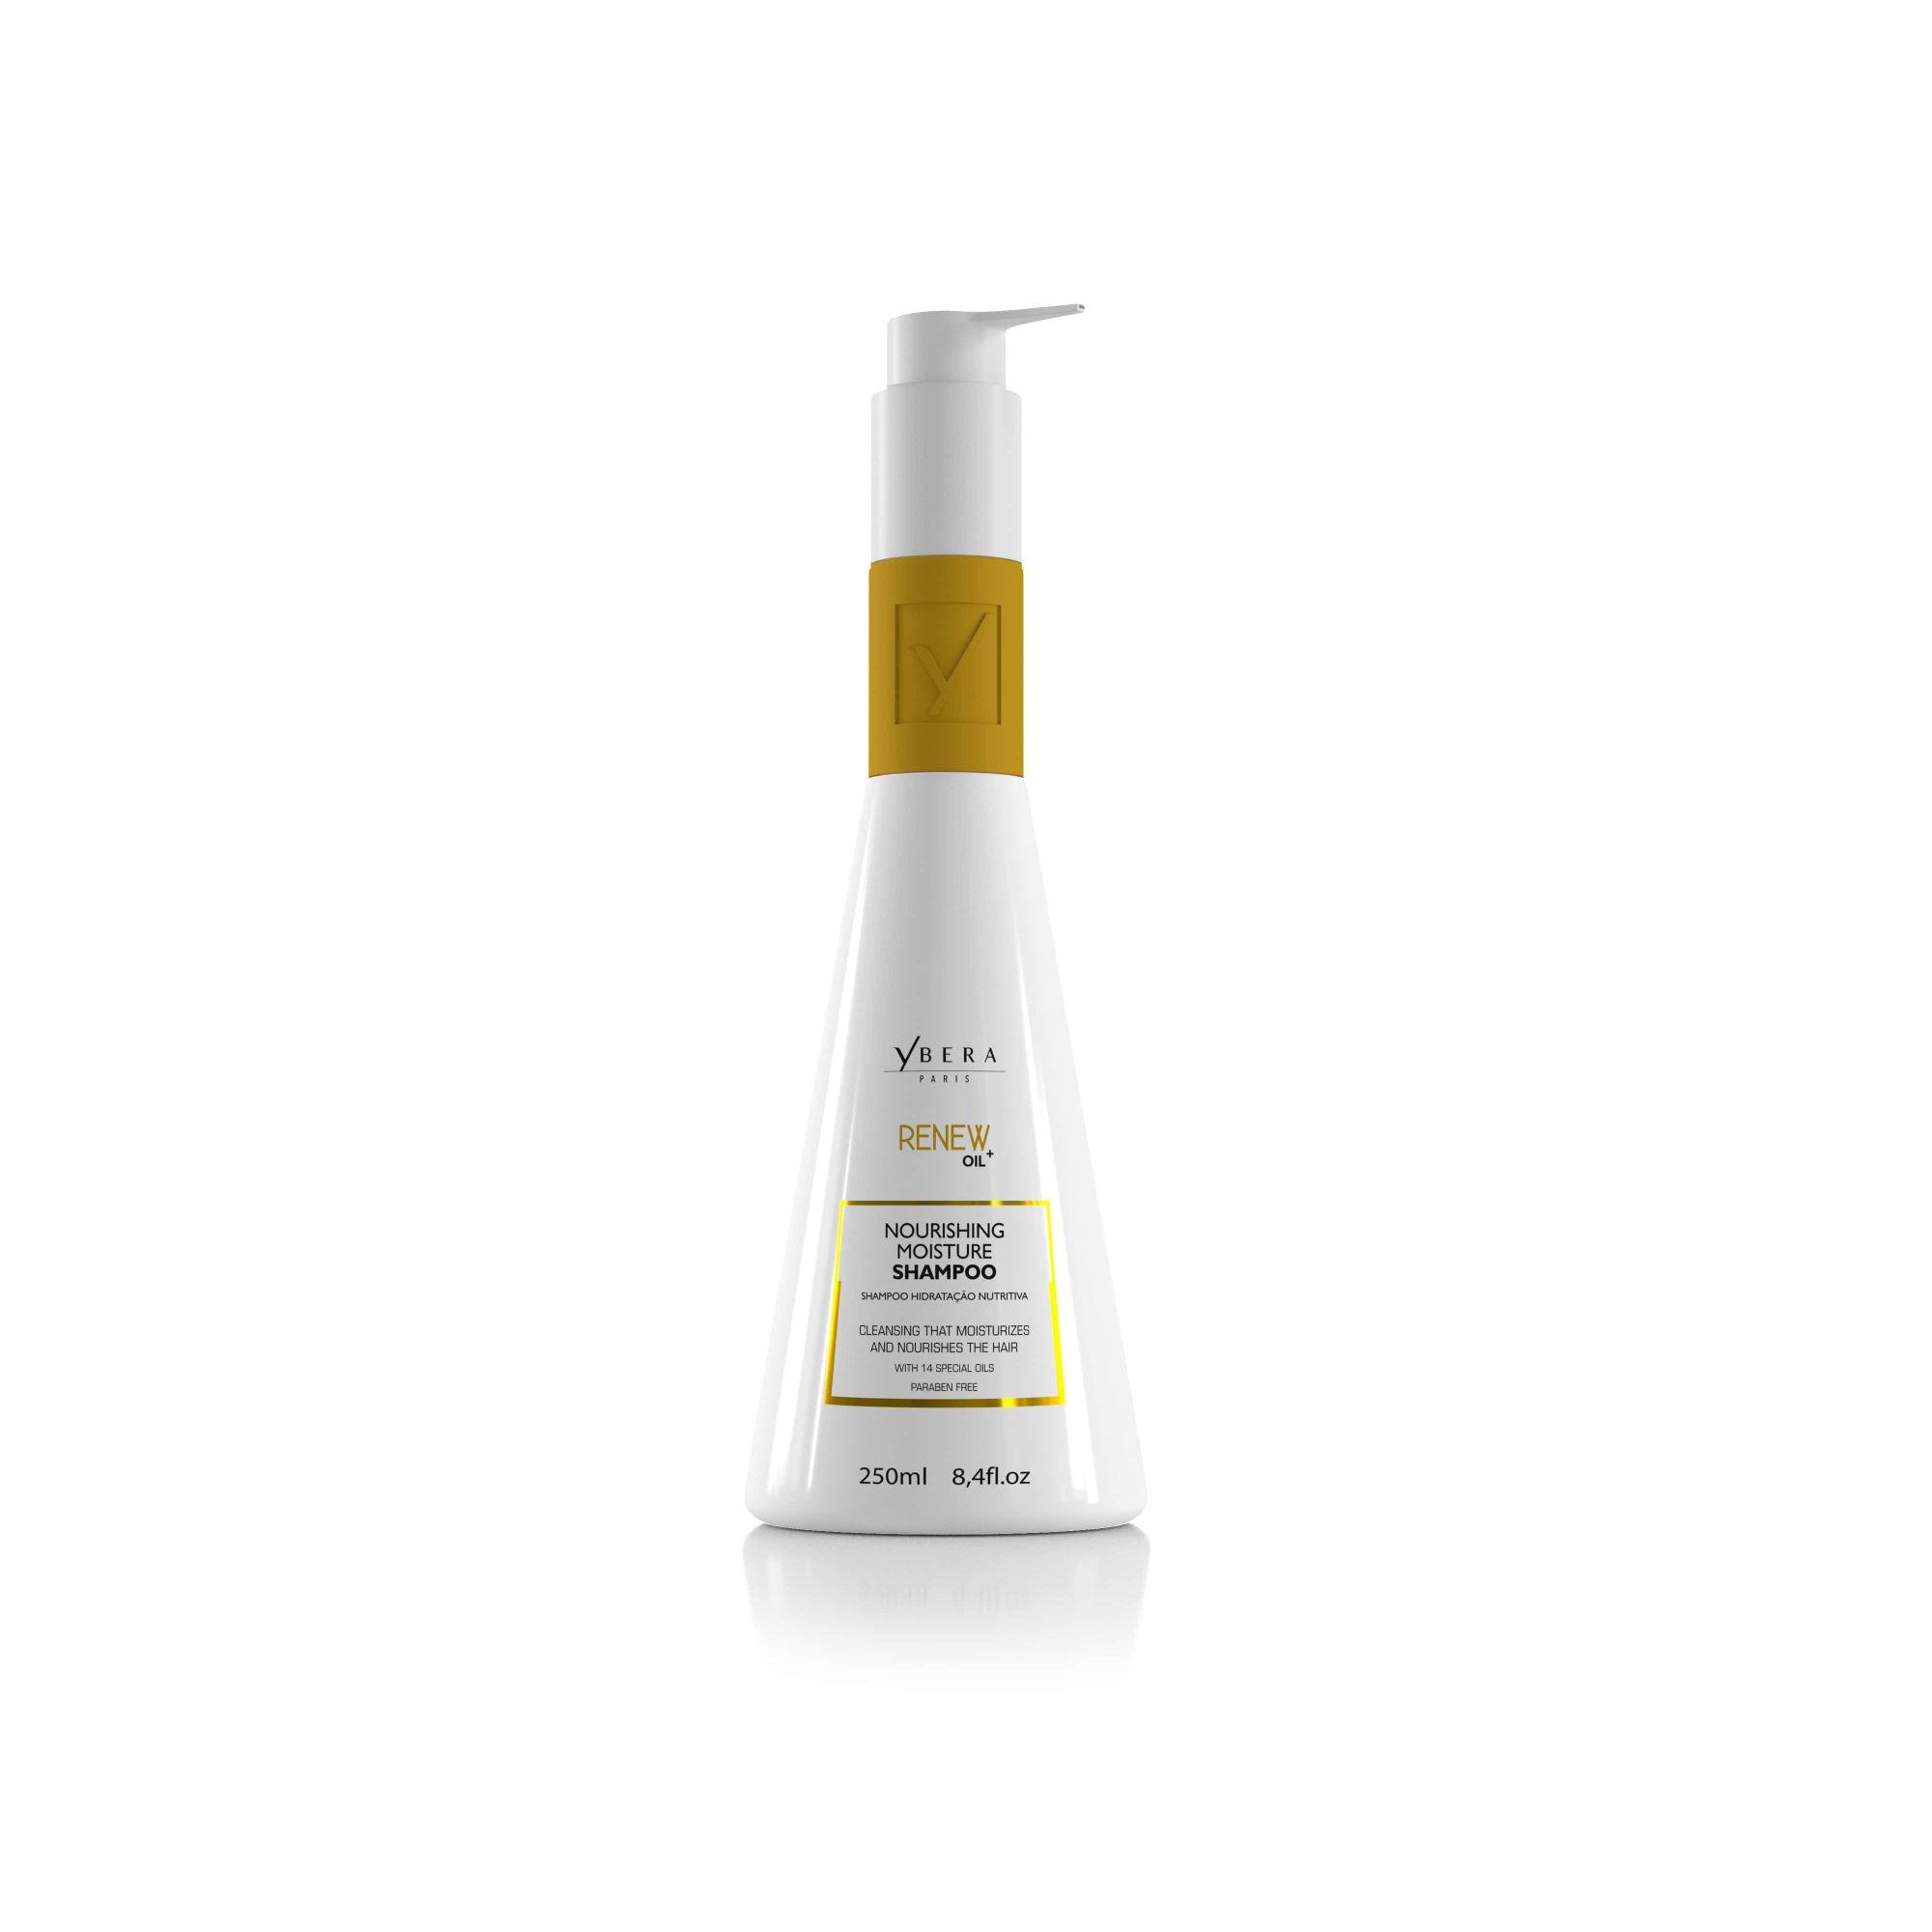 Shampoo Hidratante Manutenção Renew Oil Ybera Paris 250ml